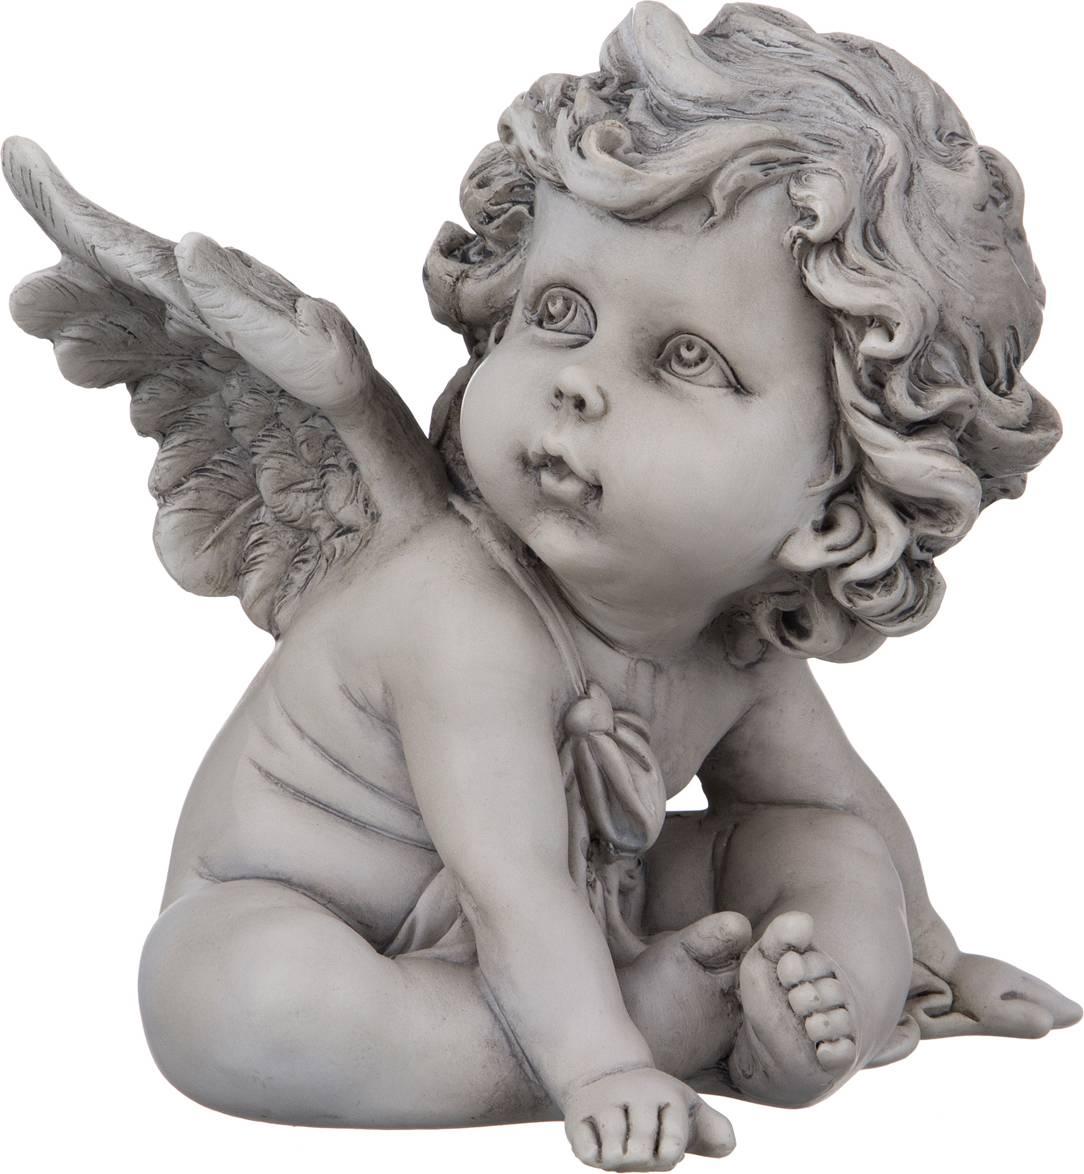 ангел на белом фоне картинка карта